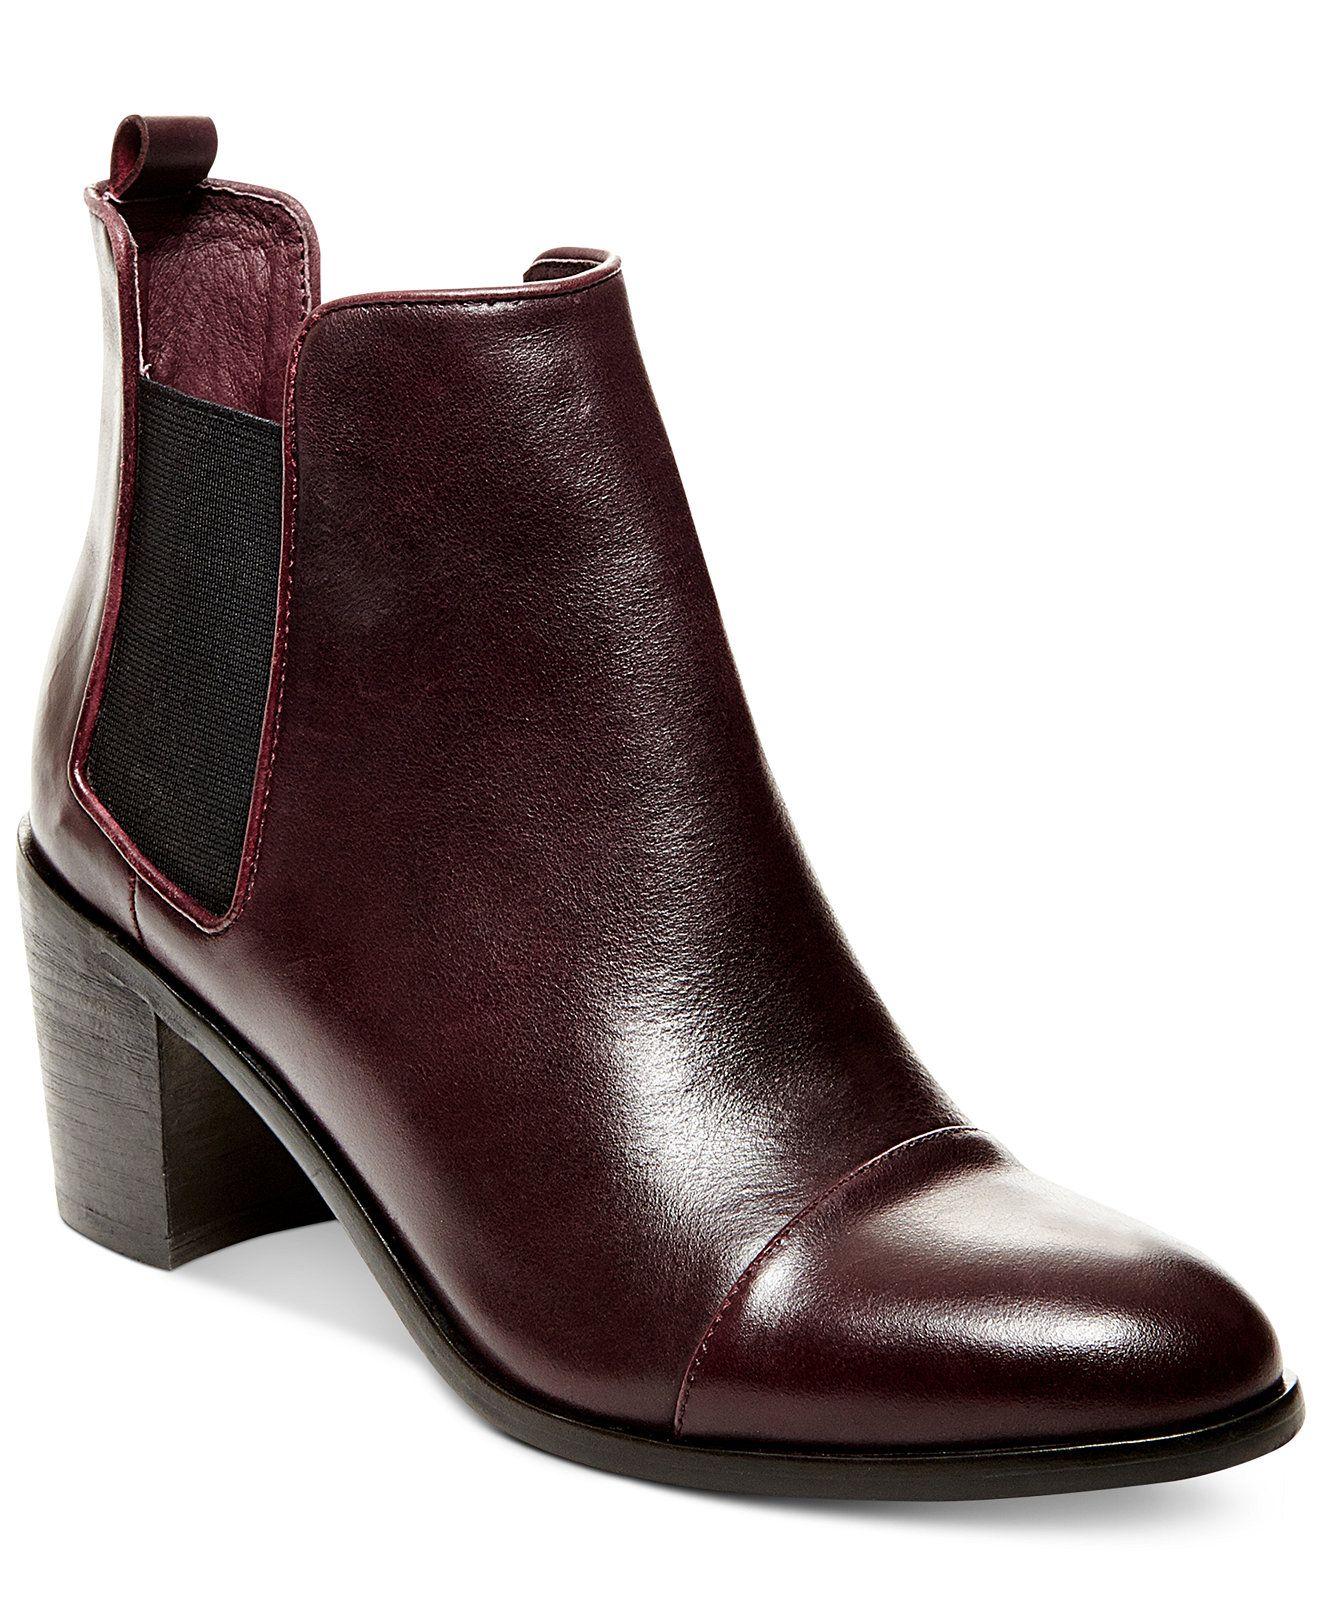 70e73a298dc STEVEN by Steve Madden Imaginn Booties - Booties - Shoes - Macy's ...